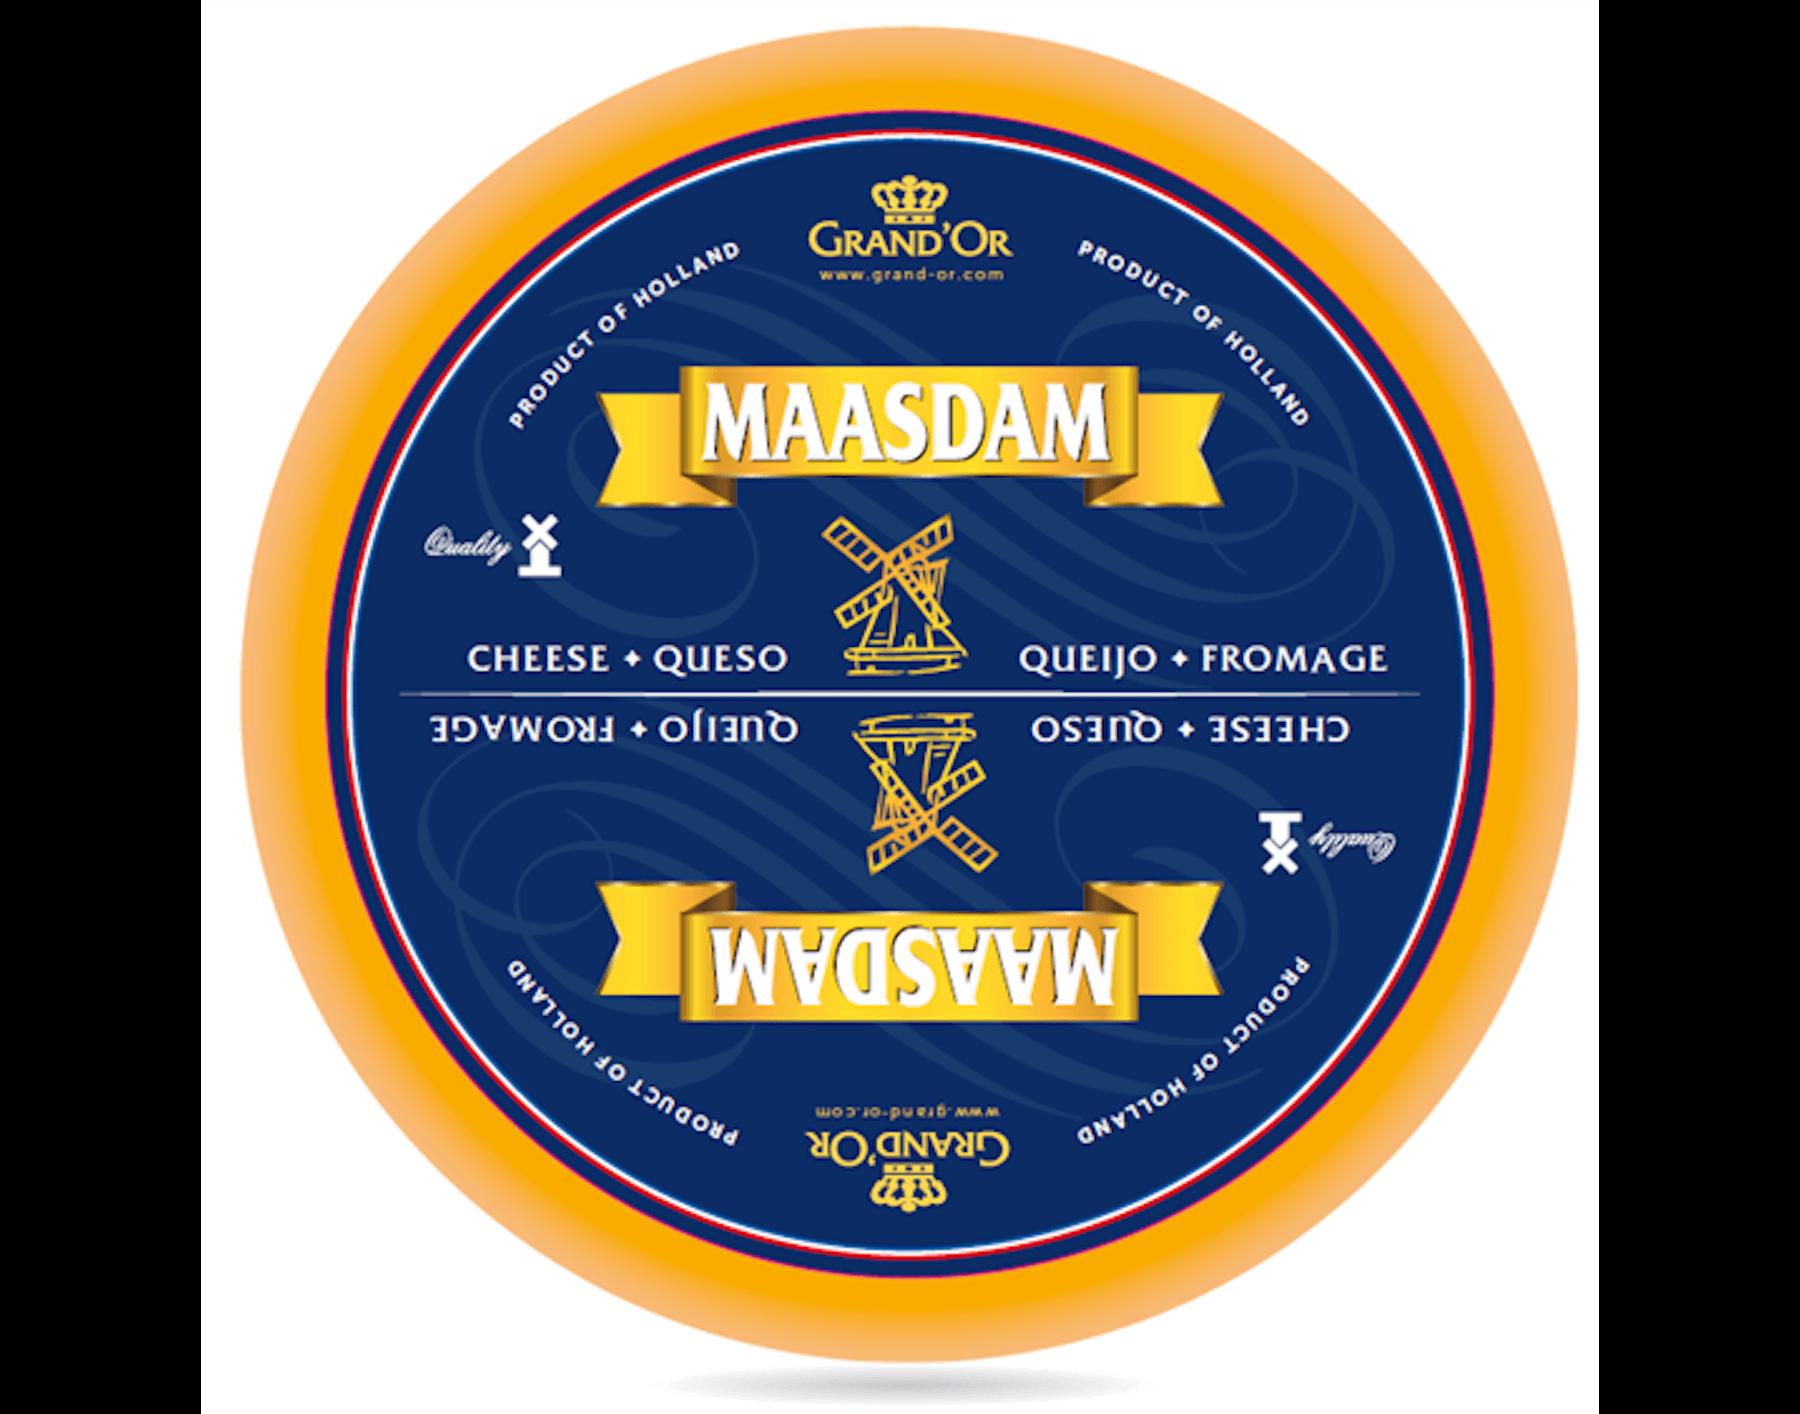 Сыр Мааздам